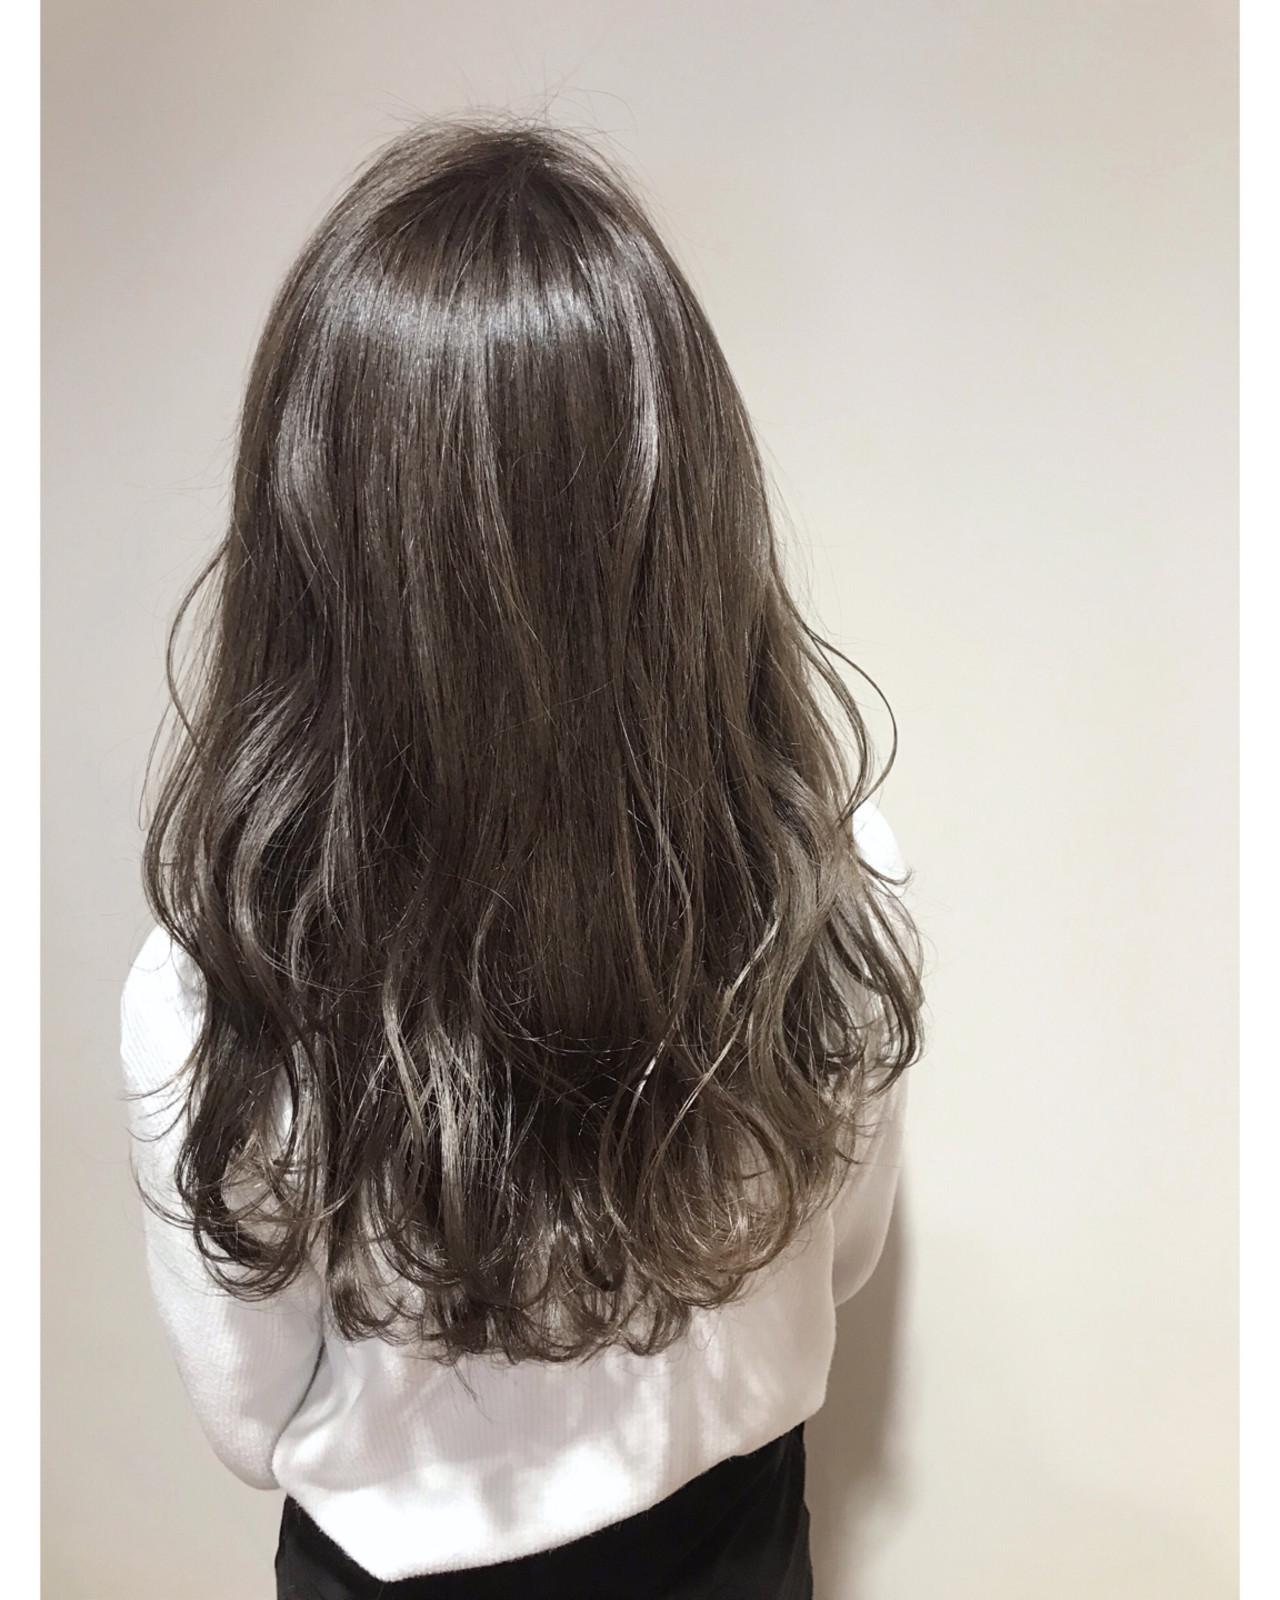 ハイトーン 外国人風 透明感 ナチュラル ヘアスタイルや髪型の写真・画像 | Lee innocence 宮本伸一(shin) / Lee innocence 西宮北口店